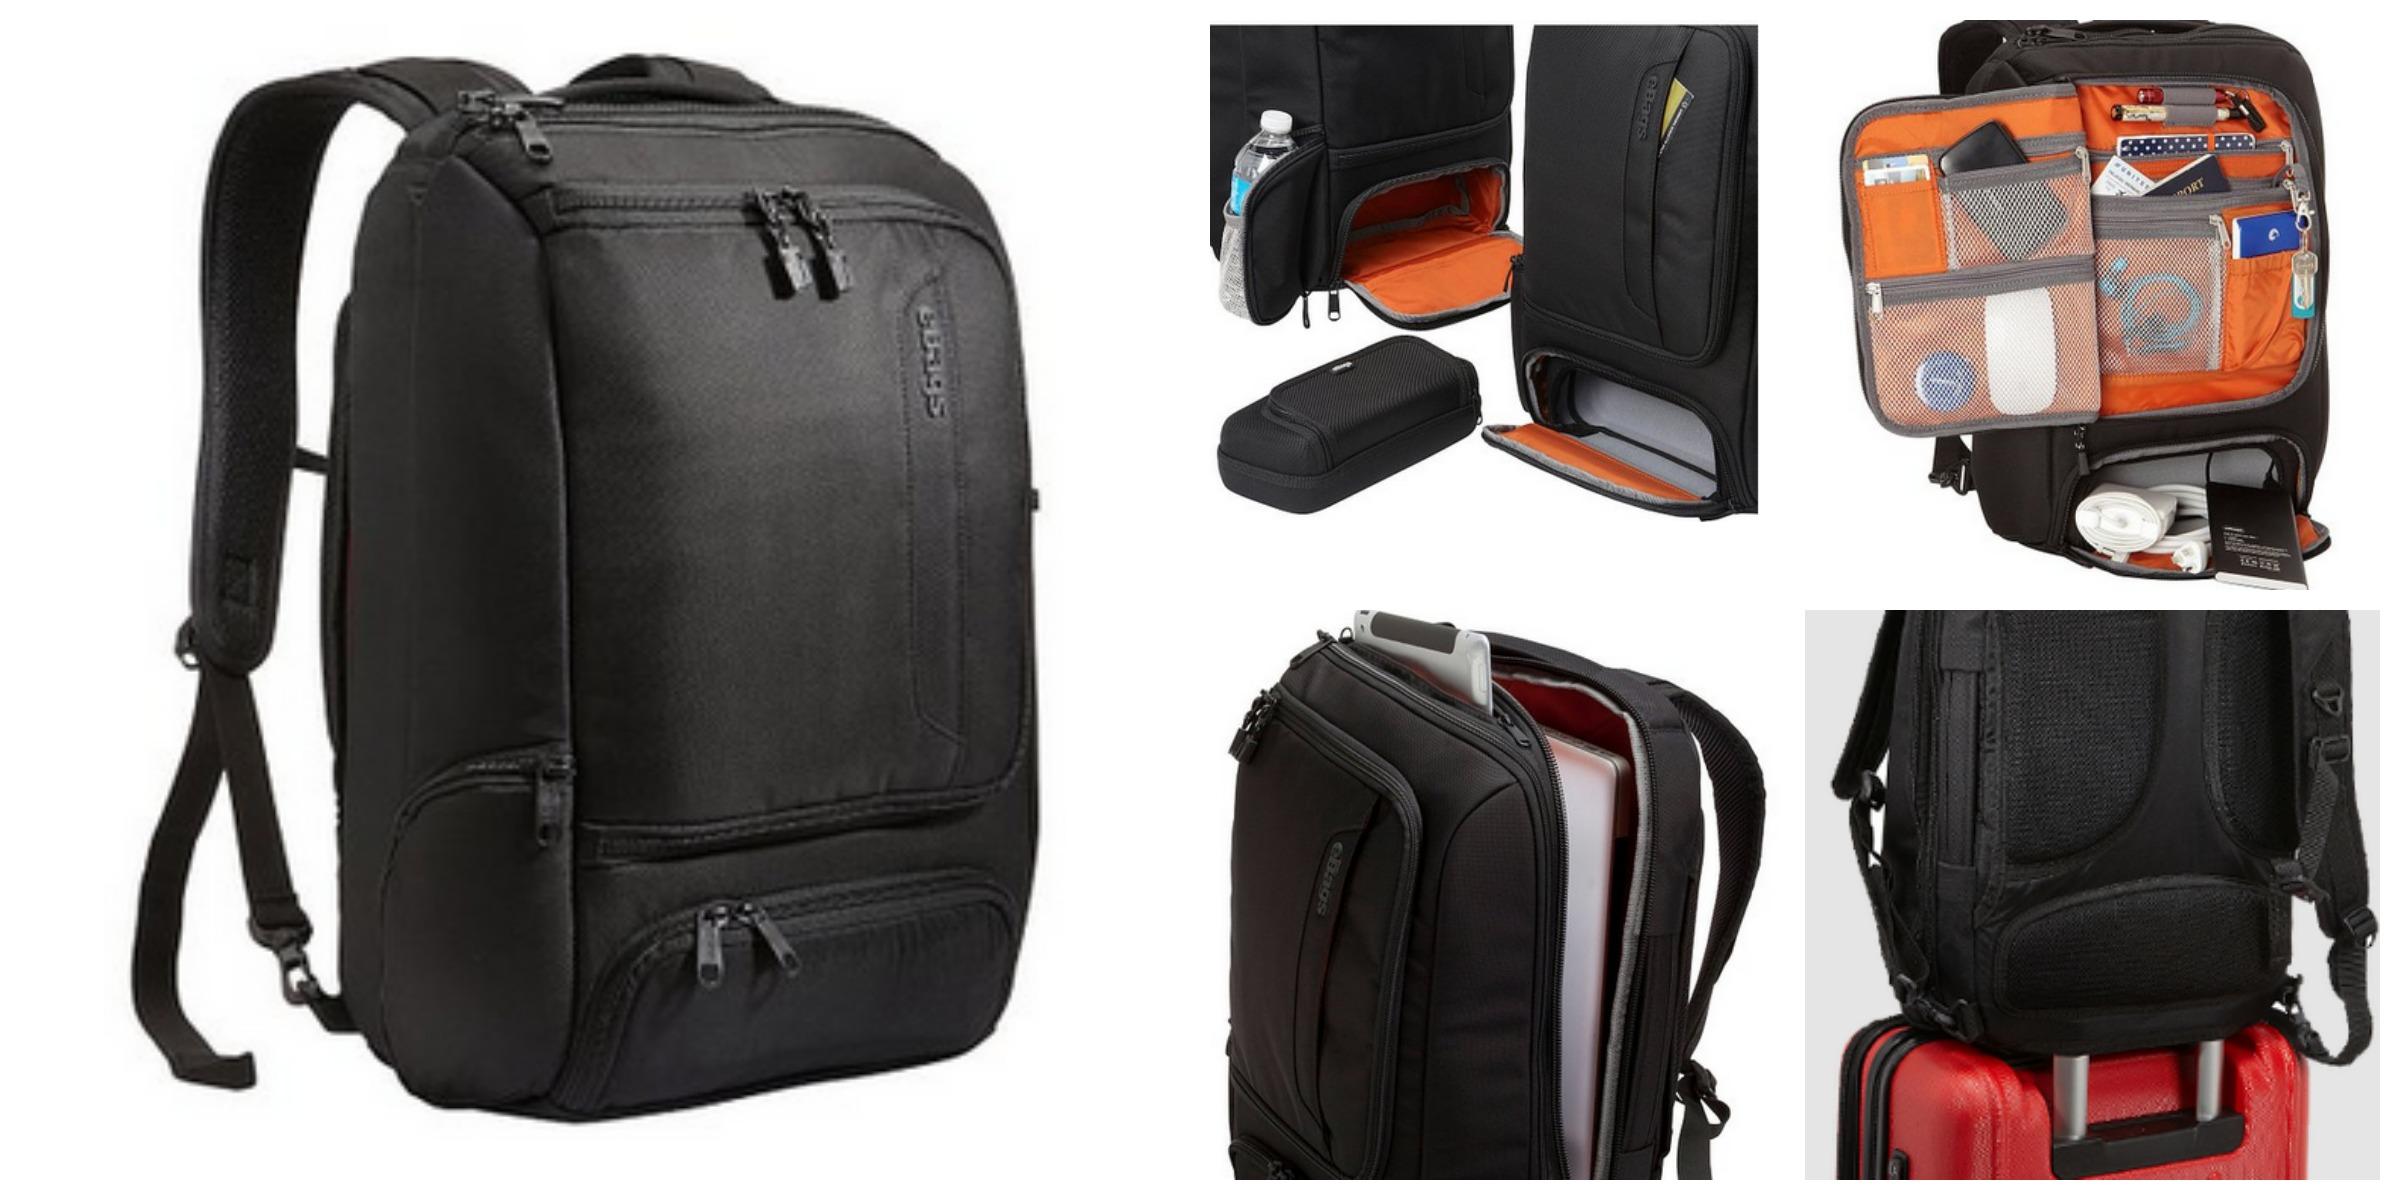 Обратно тяжелые рюкзаки с формой рюкзаки винкс с колесиками